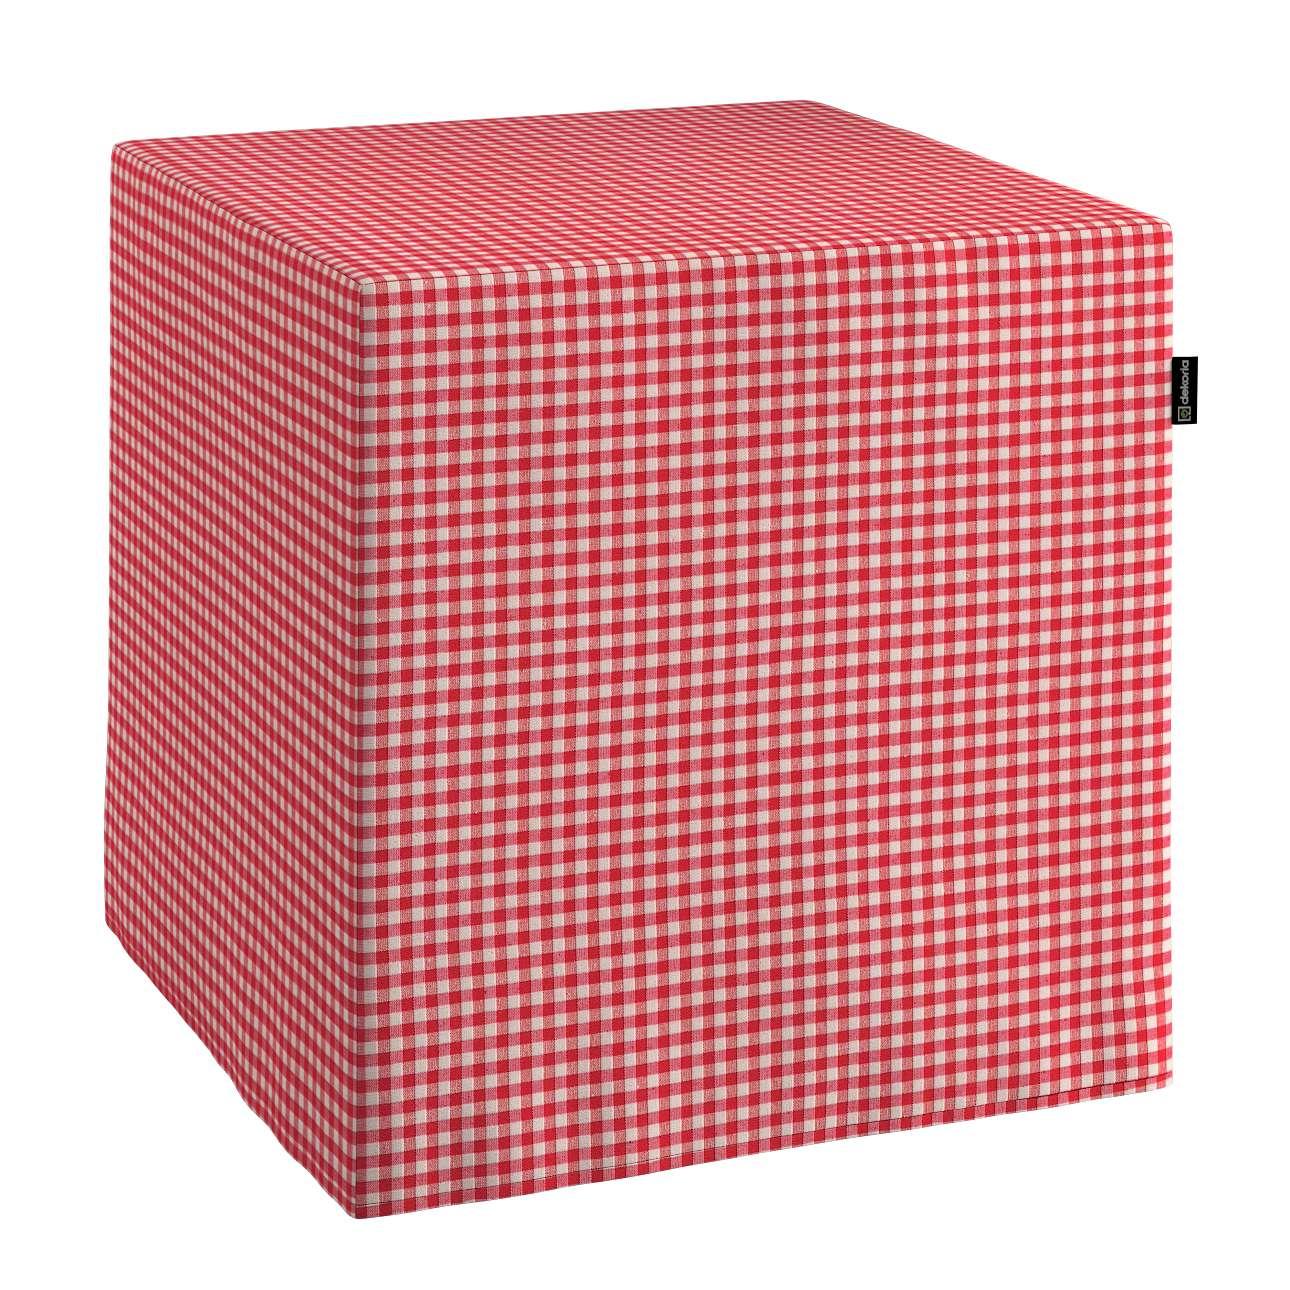 Pokrowiec na pufę kostke kostka 40x40x40 cm w kolekcji Quadro, tkanina: 136-15